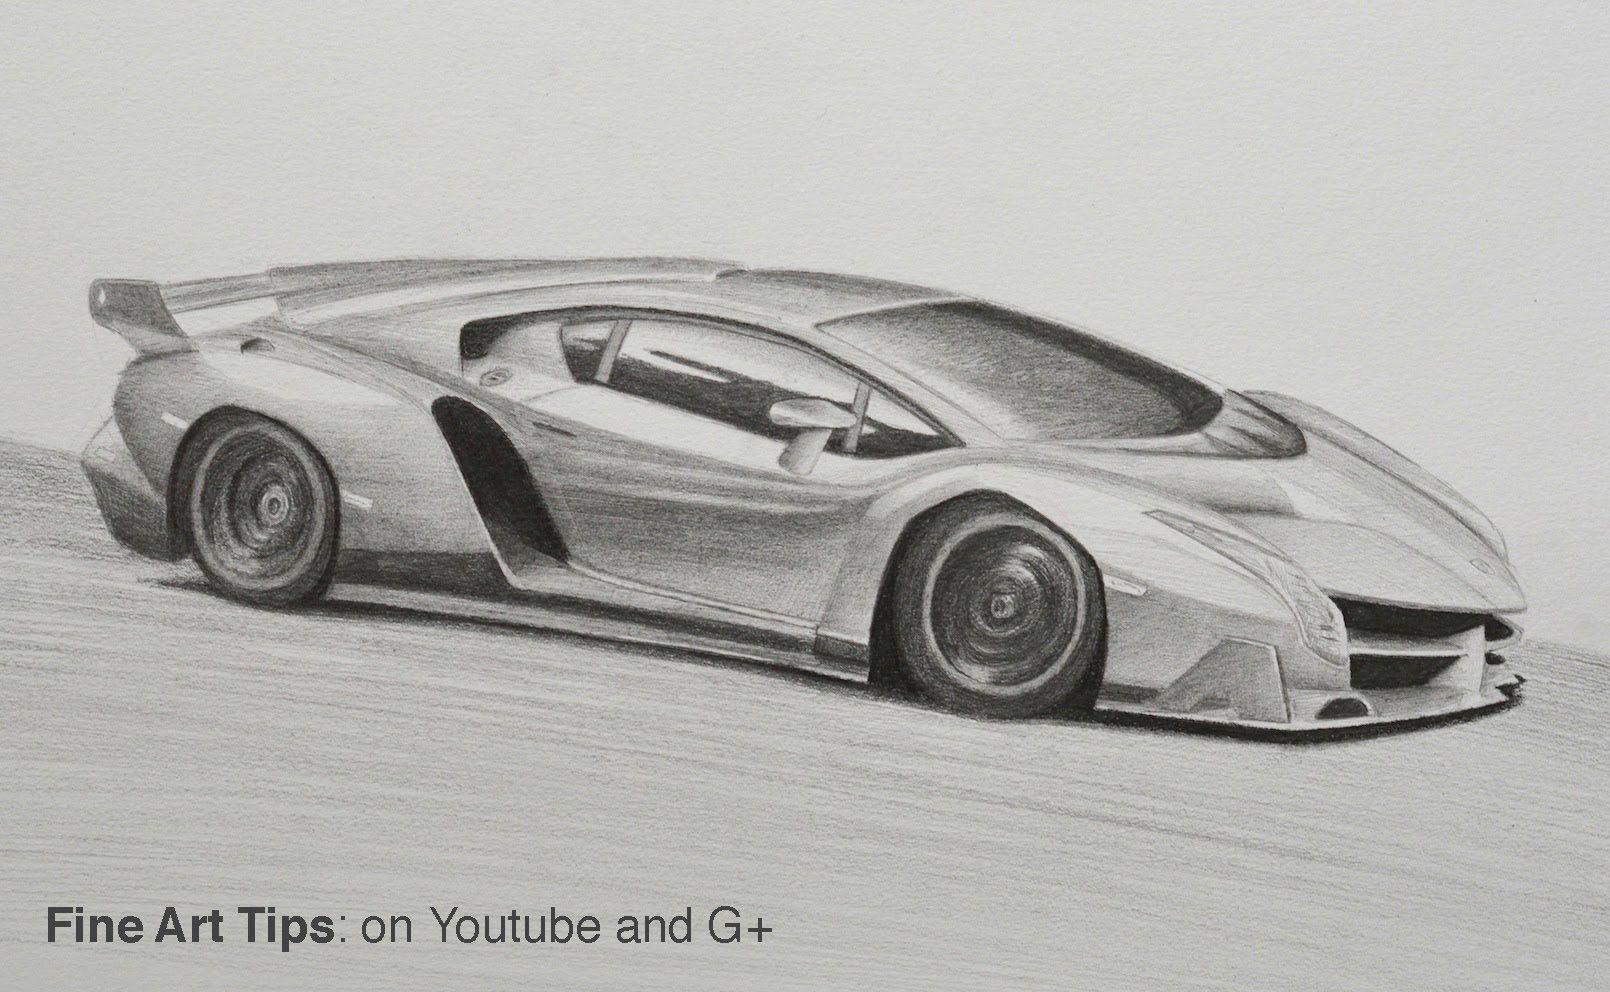 How To Draw A Lamborghini Veneno Cars In 2019 Lamborghini Veneno